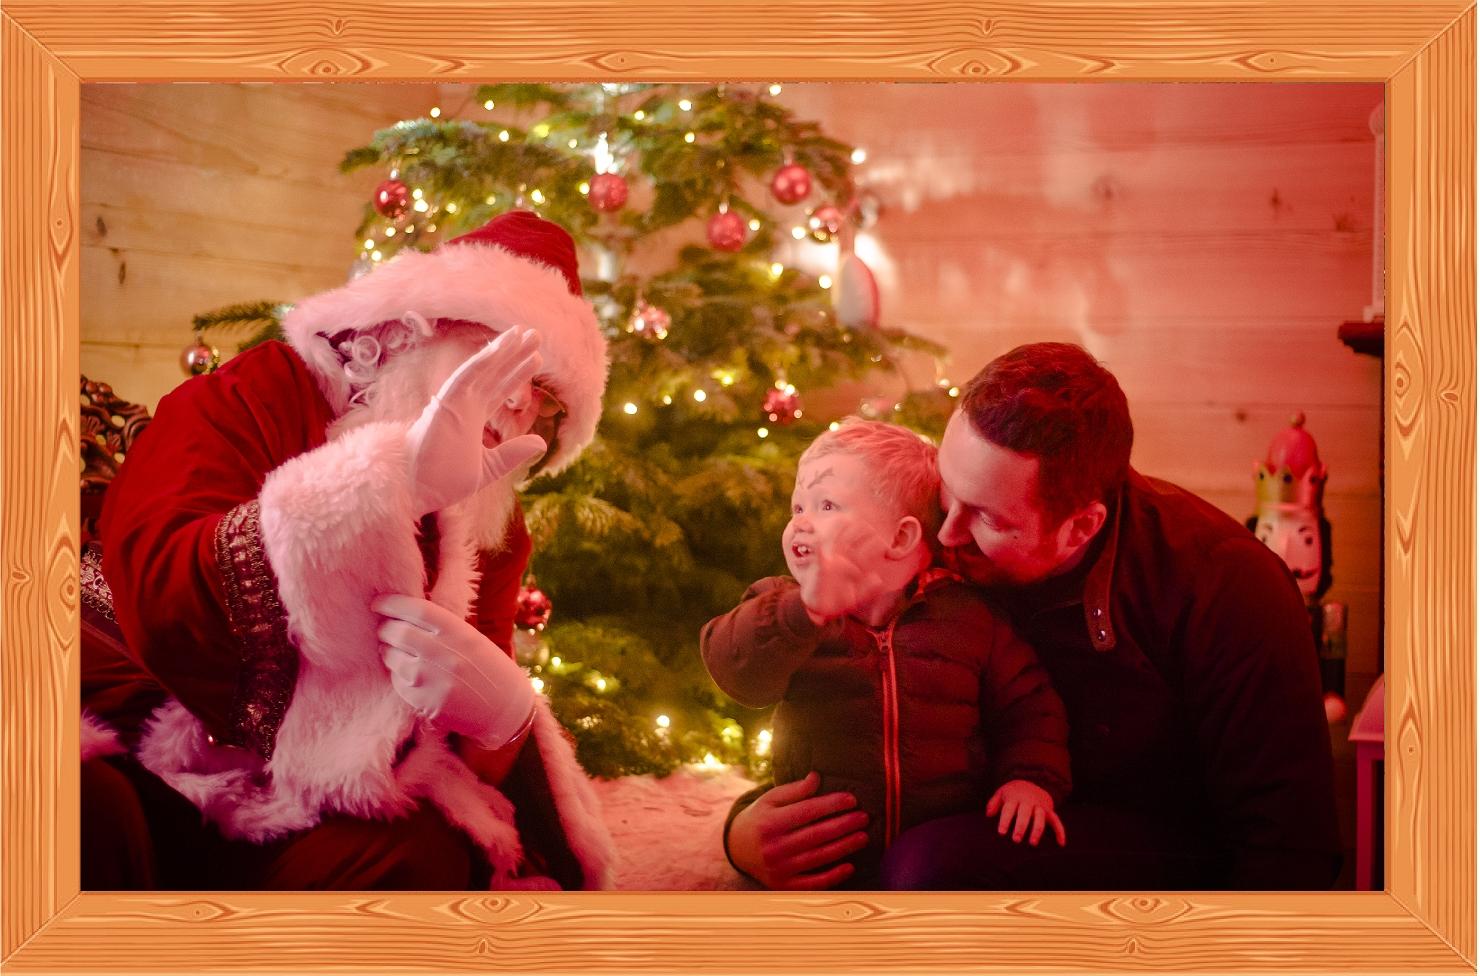 Small_Frame_Christmas_Santa